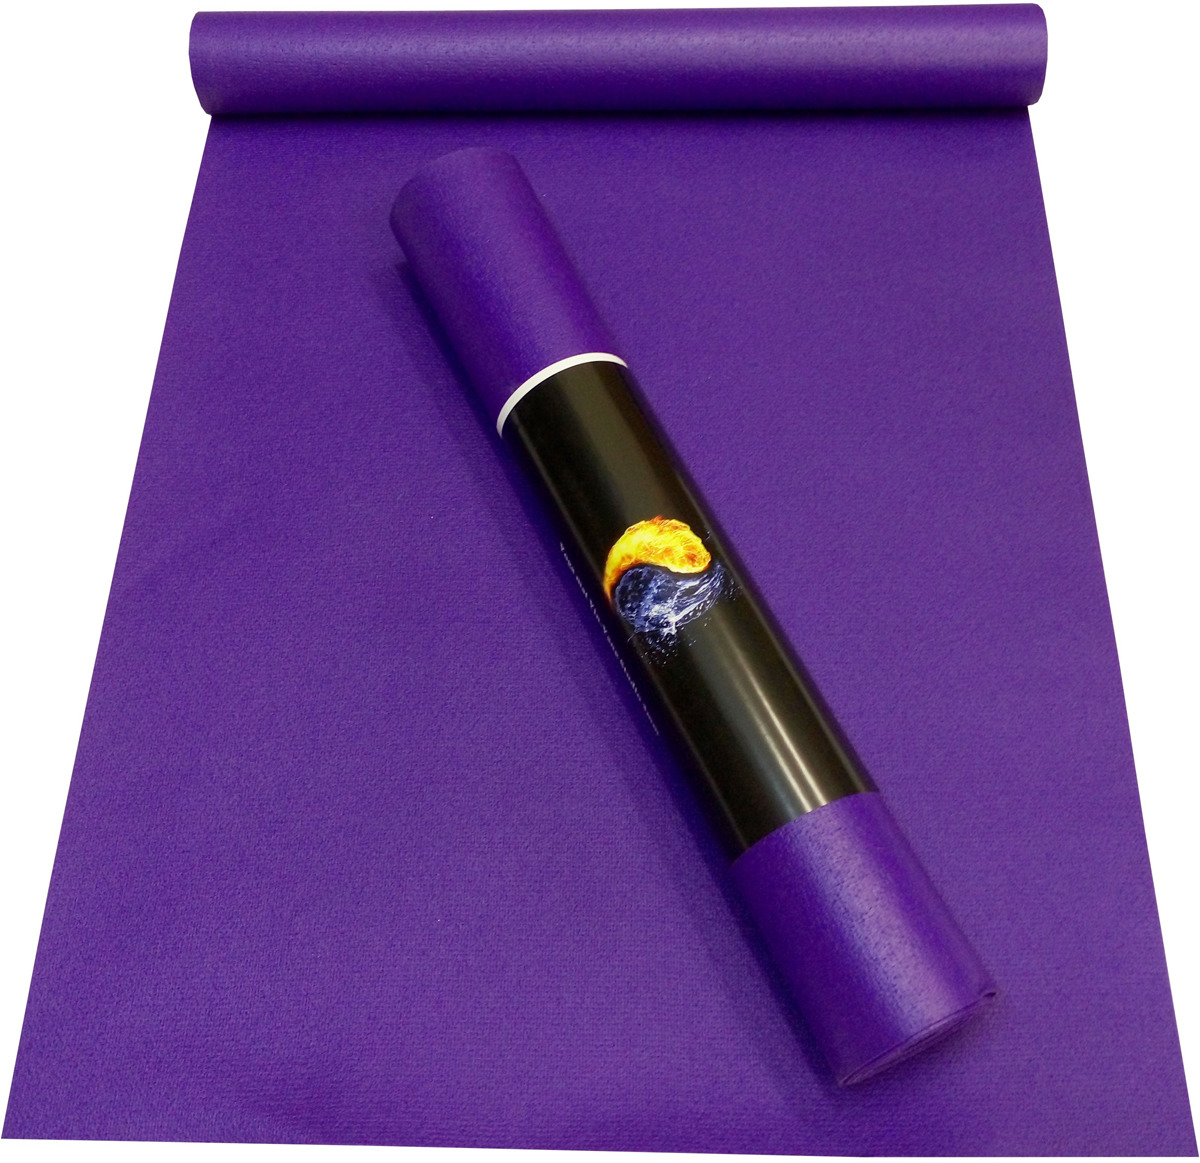 Коврик для йоги Ako-Yoga Yin-Yang Studio, цвет: фиолетовый, 220 х 80 см коврик для йоги onerun цвет фиолетовый 183 х 61 х 0 4 см